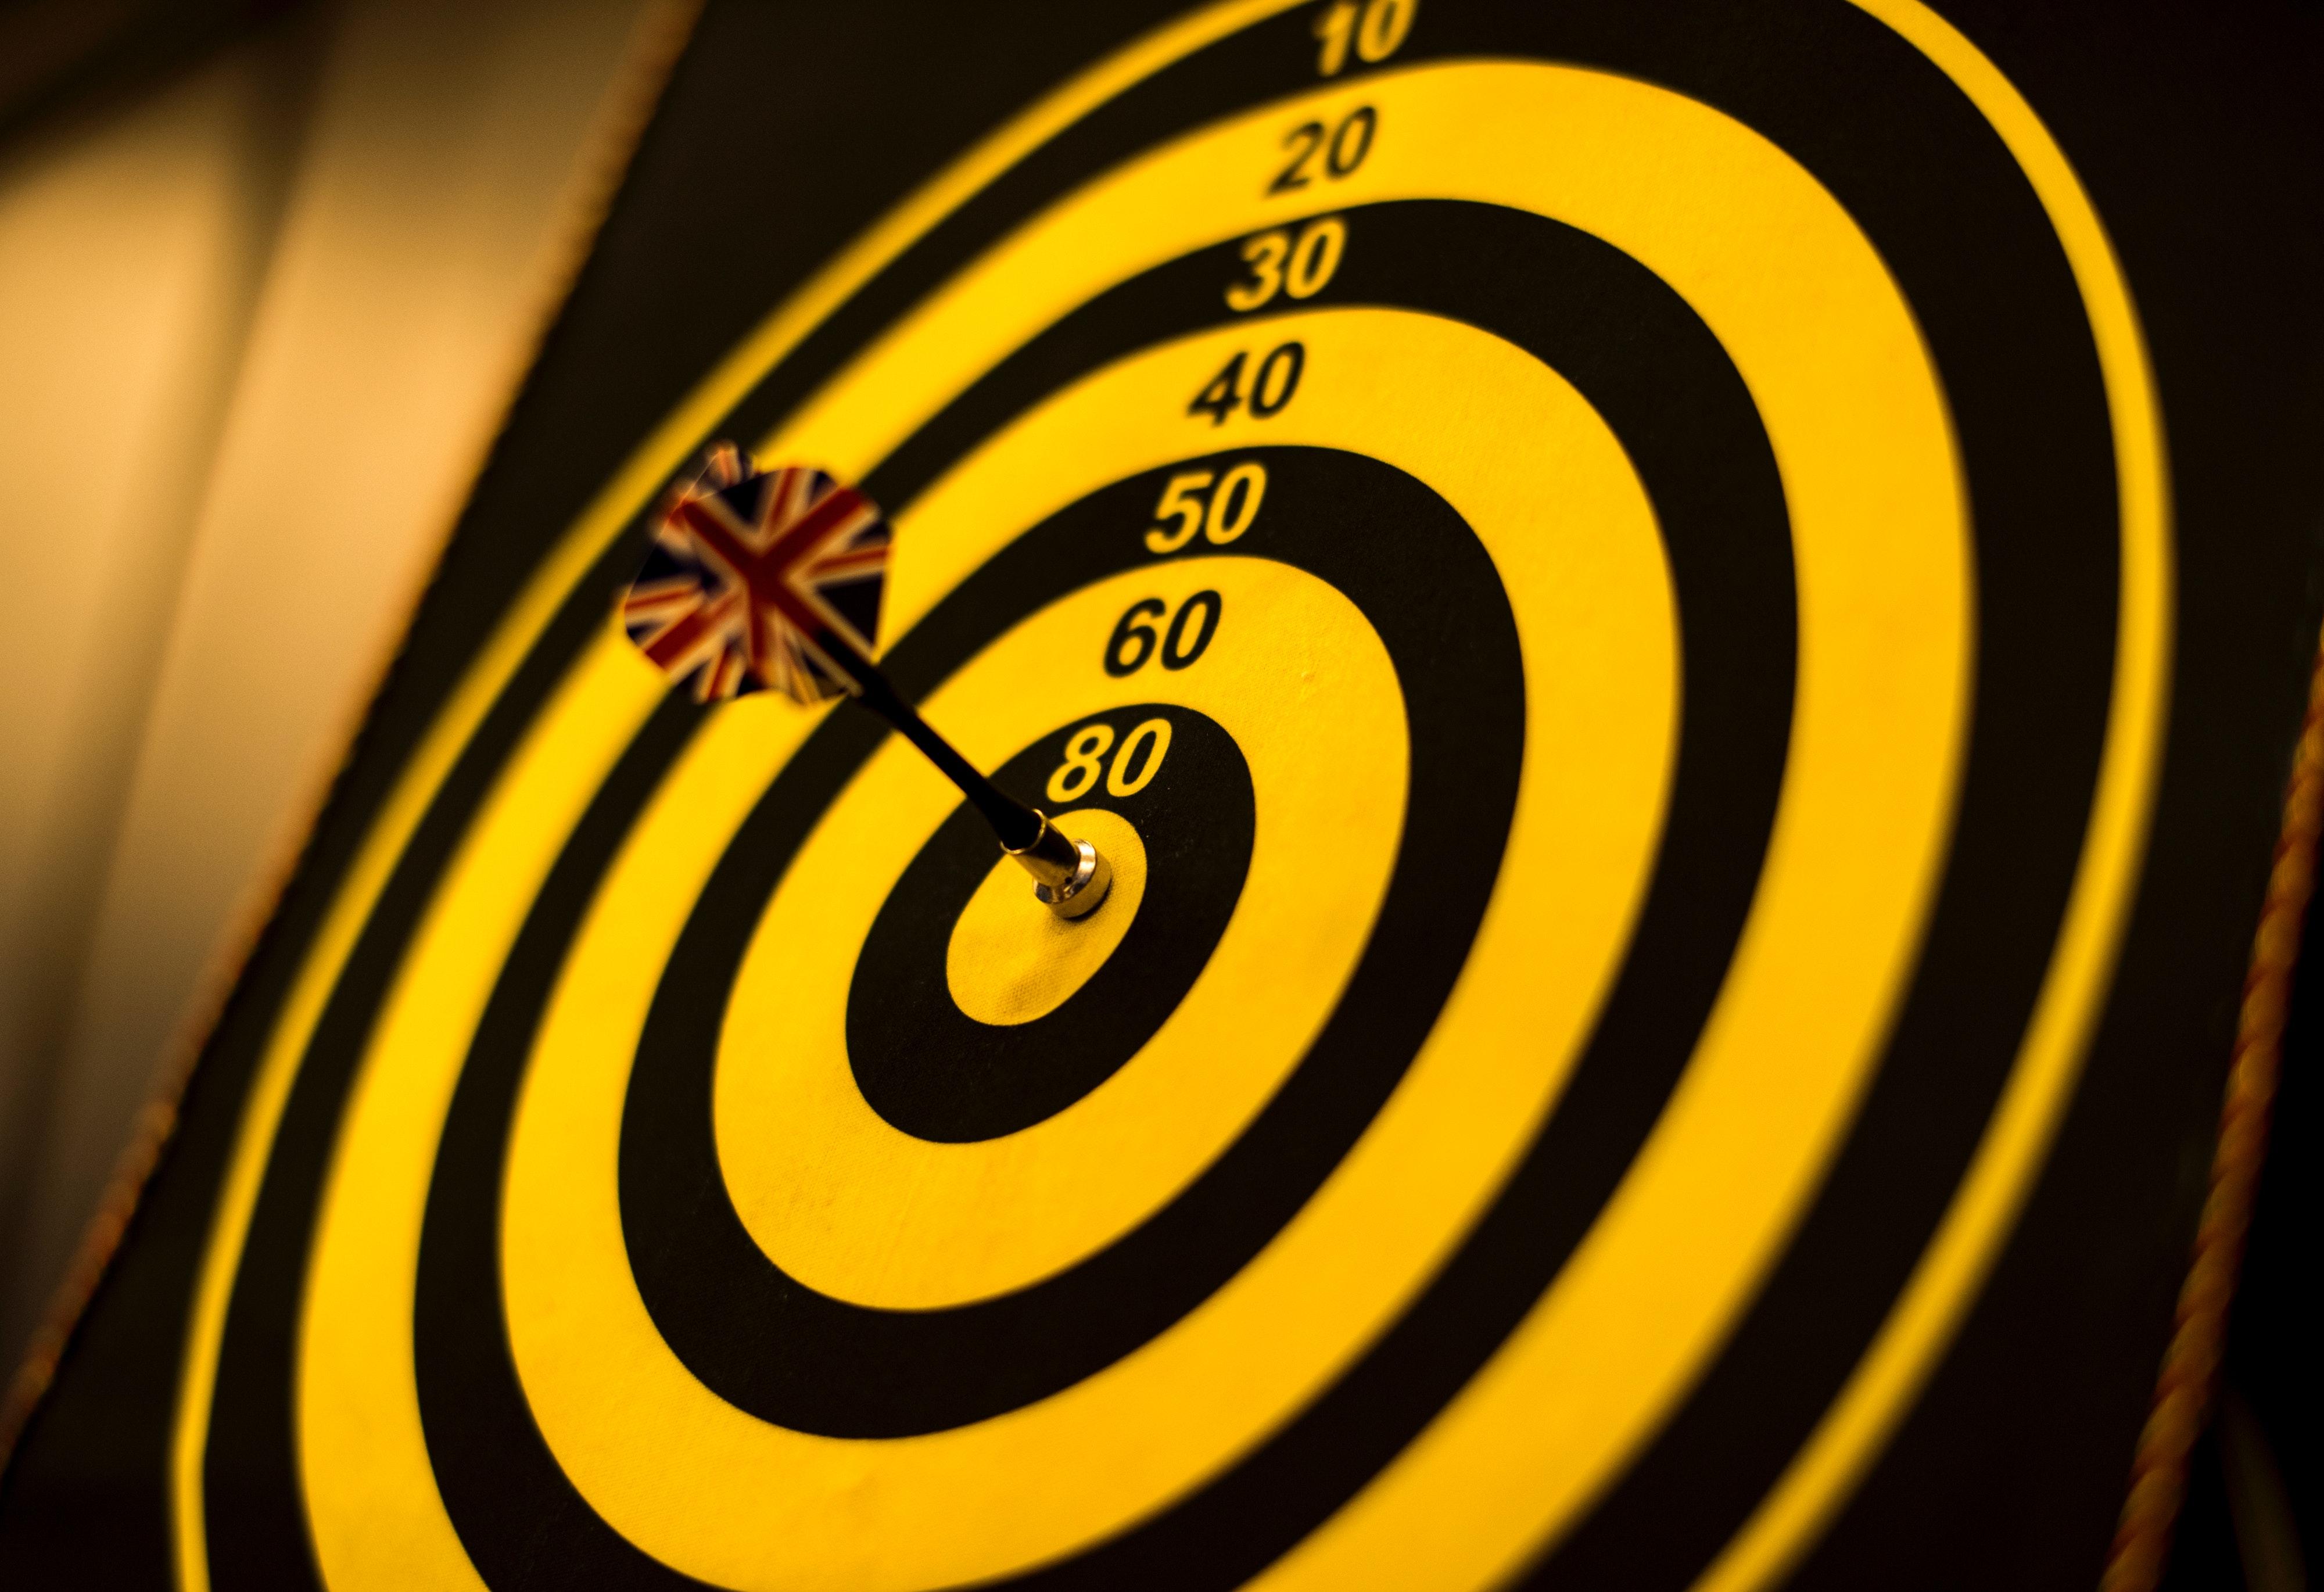 Tính Chính Xác Mục Đích Nhằm Bảng Bullseye Đóng Lên Đâm Dartboard Trò Chơi  Số Tròn